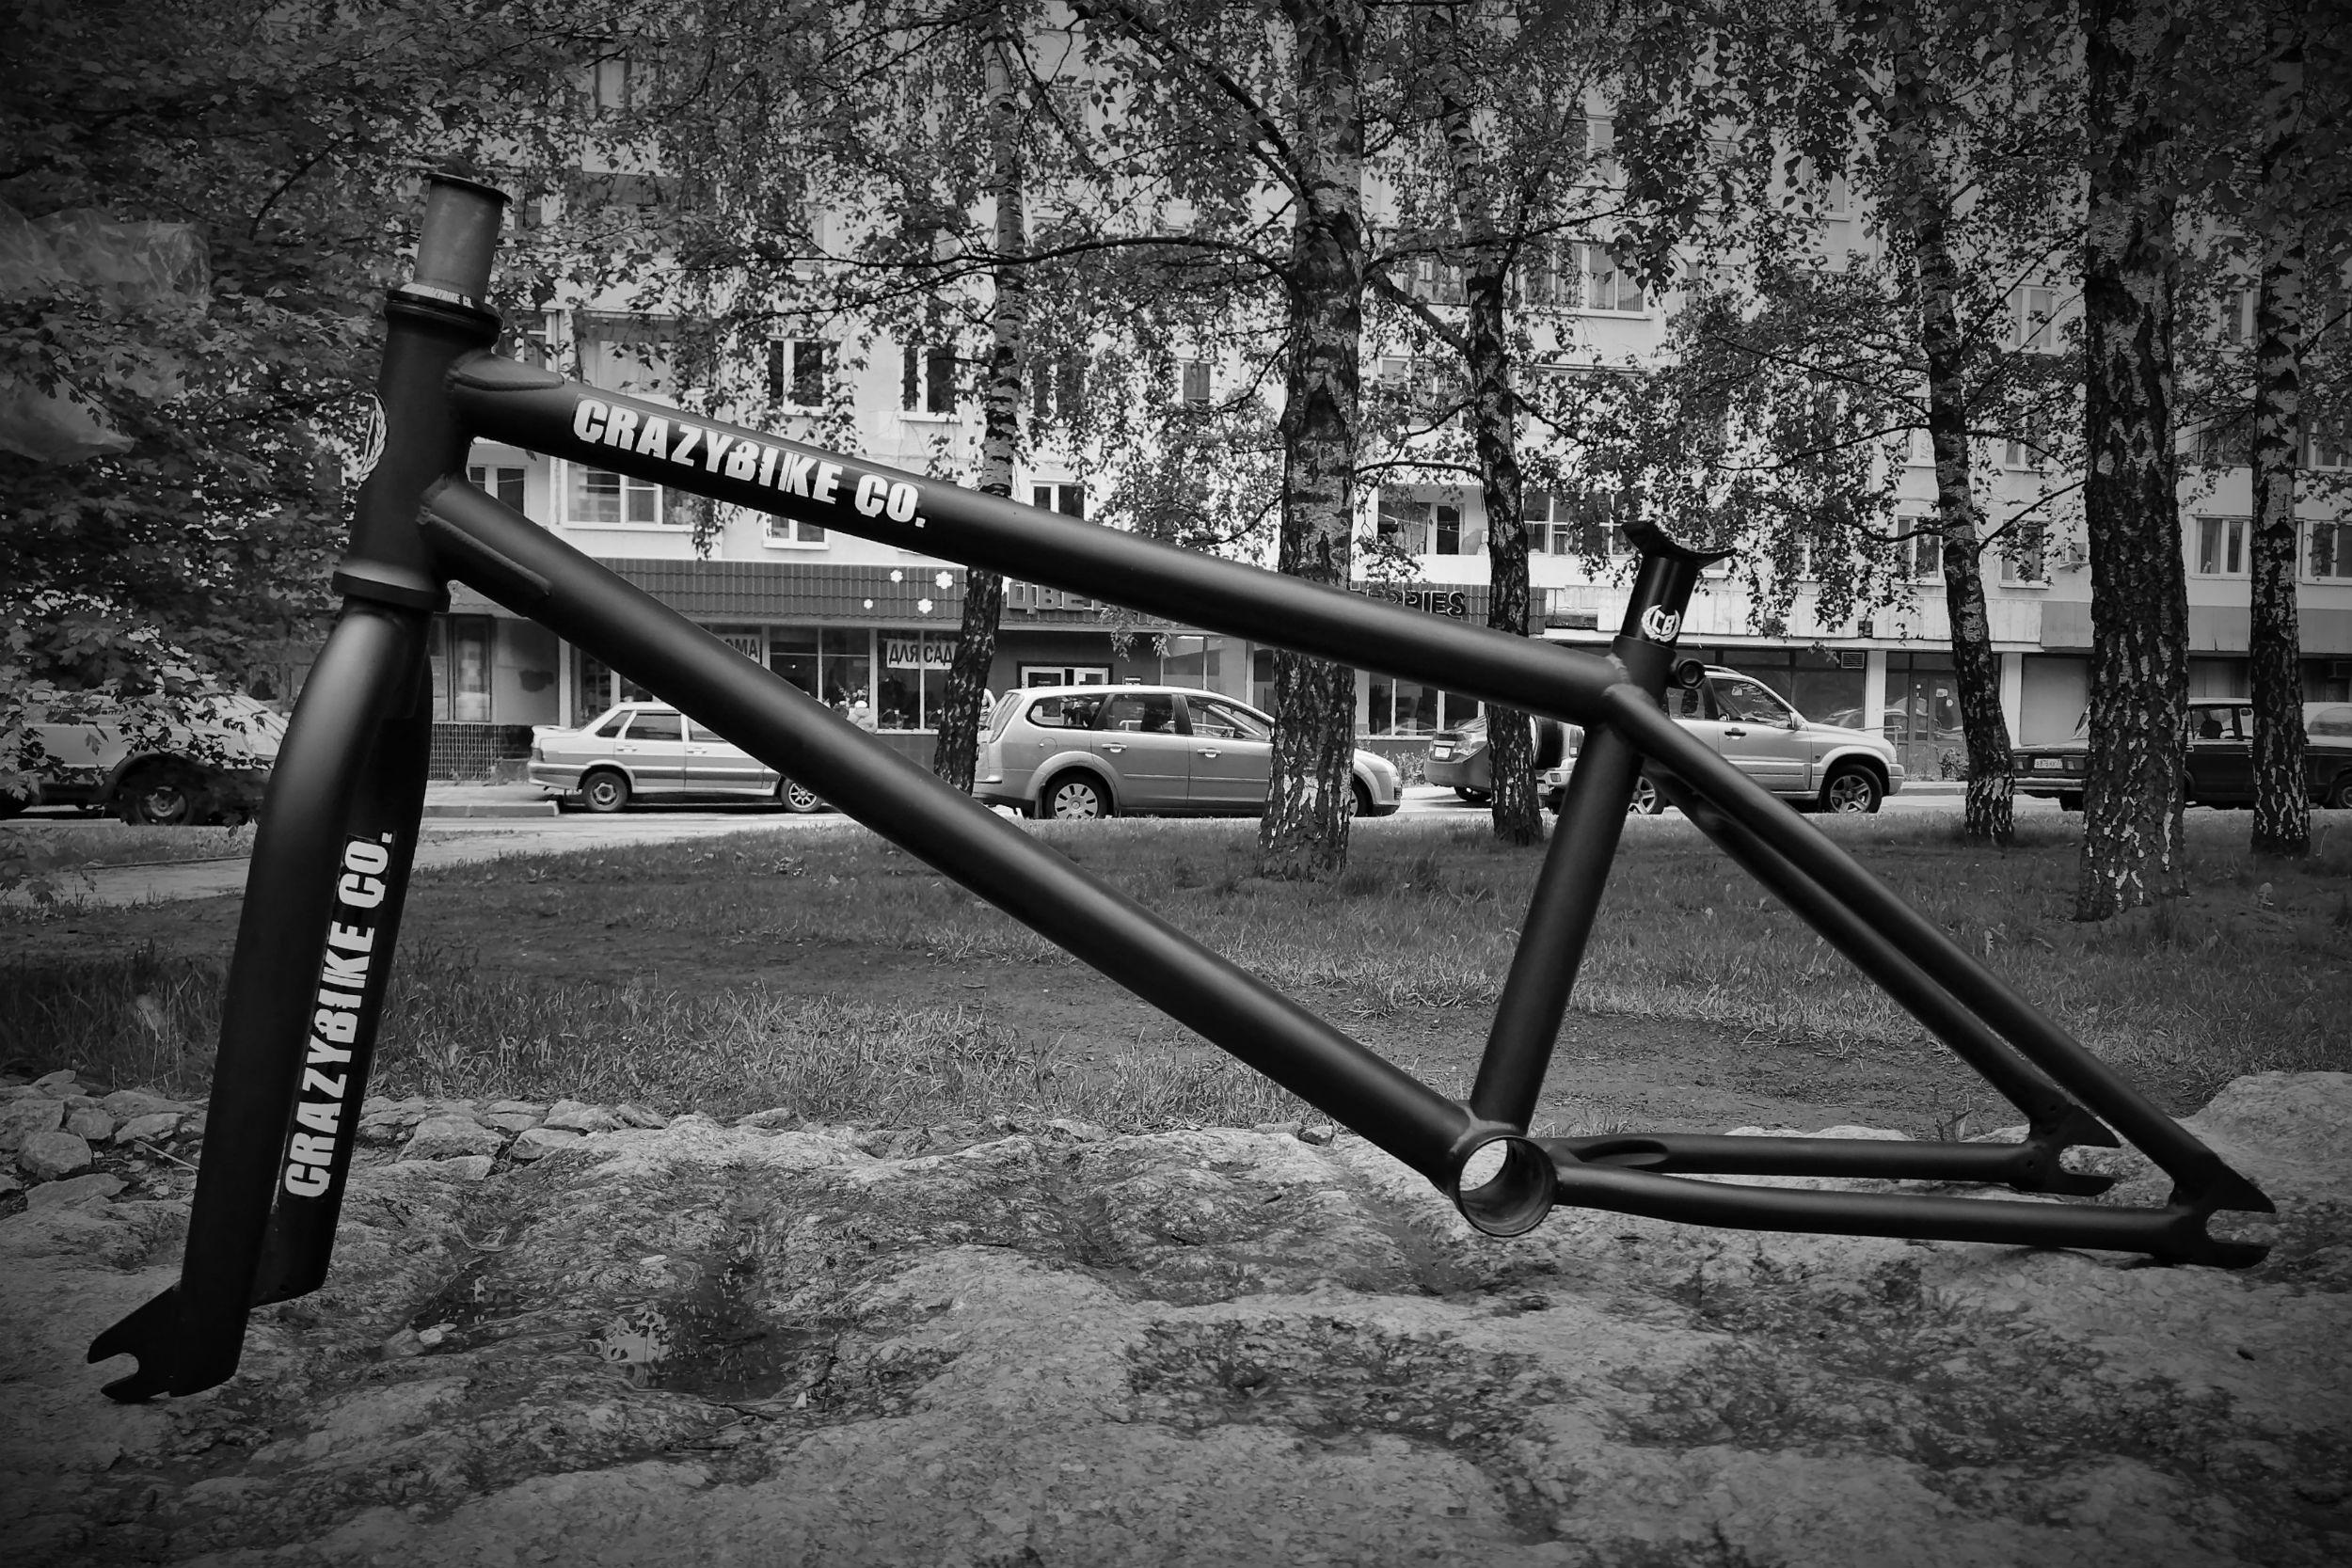 Фреймсет BMX CB Cred In Harm Купить в Москве по цене 18181.5 Руб.